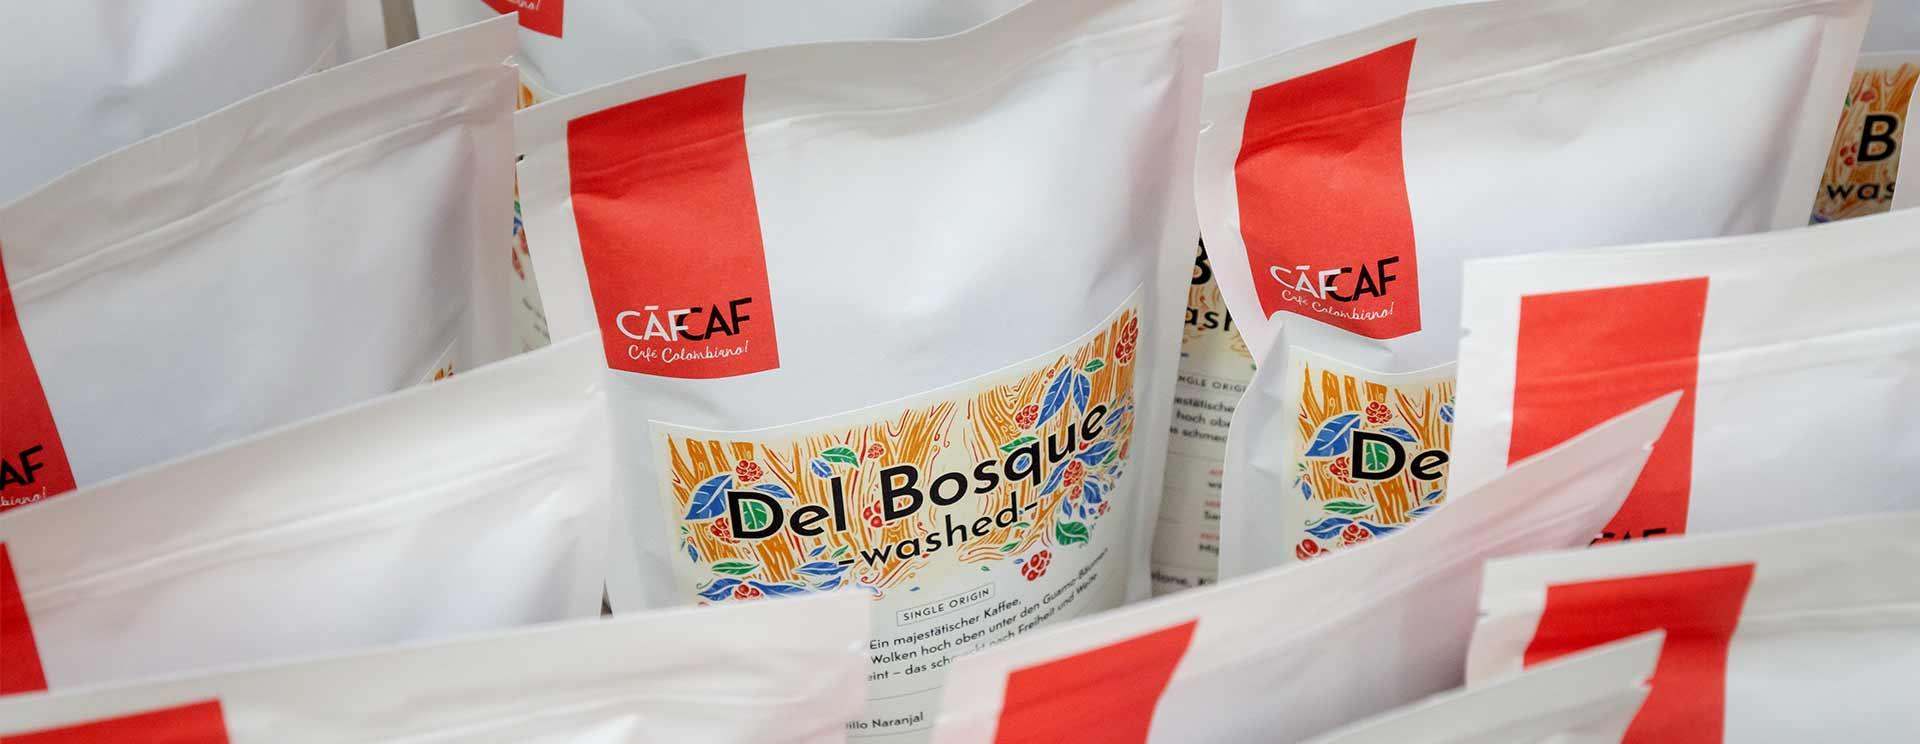 CafCaf Kaffeeshop für kolumbianischen Kaffee